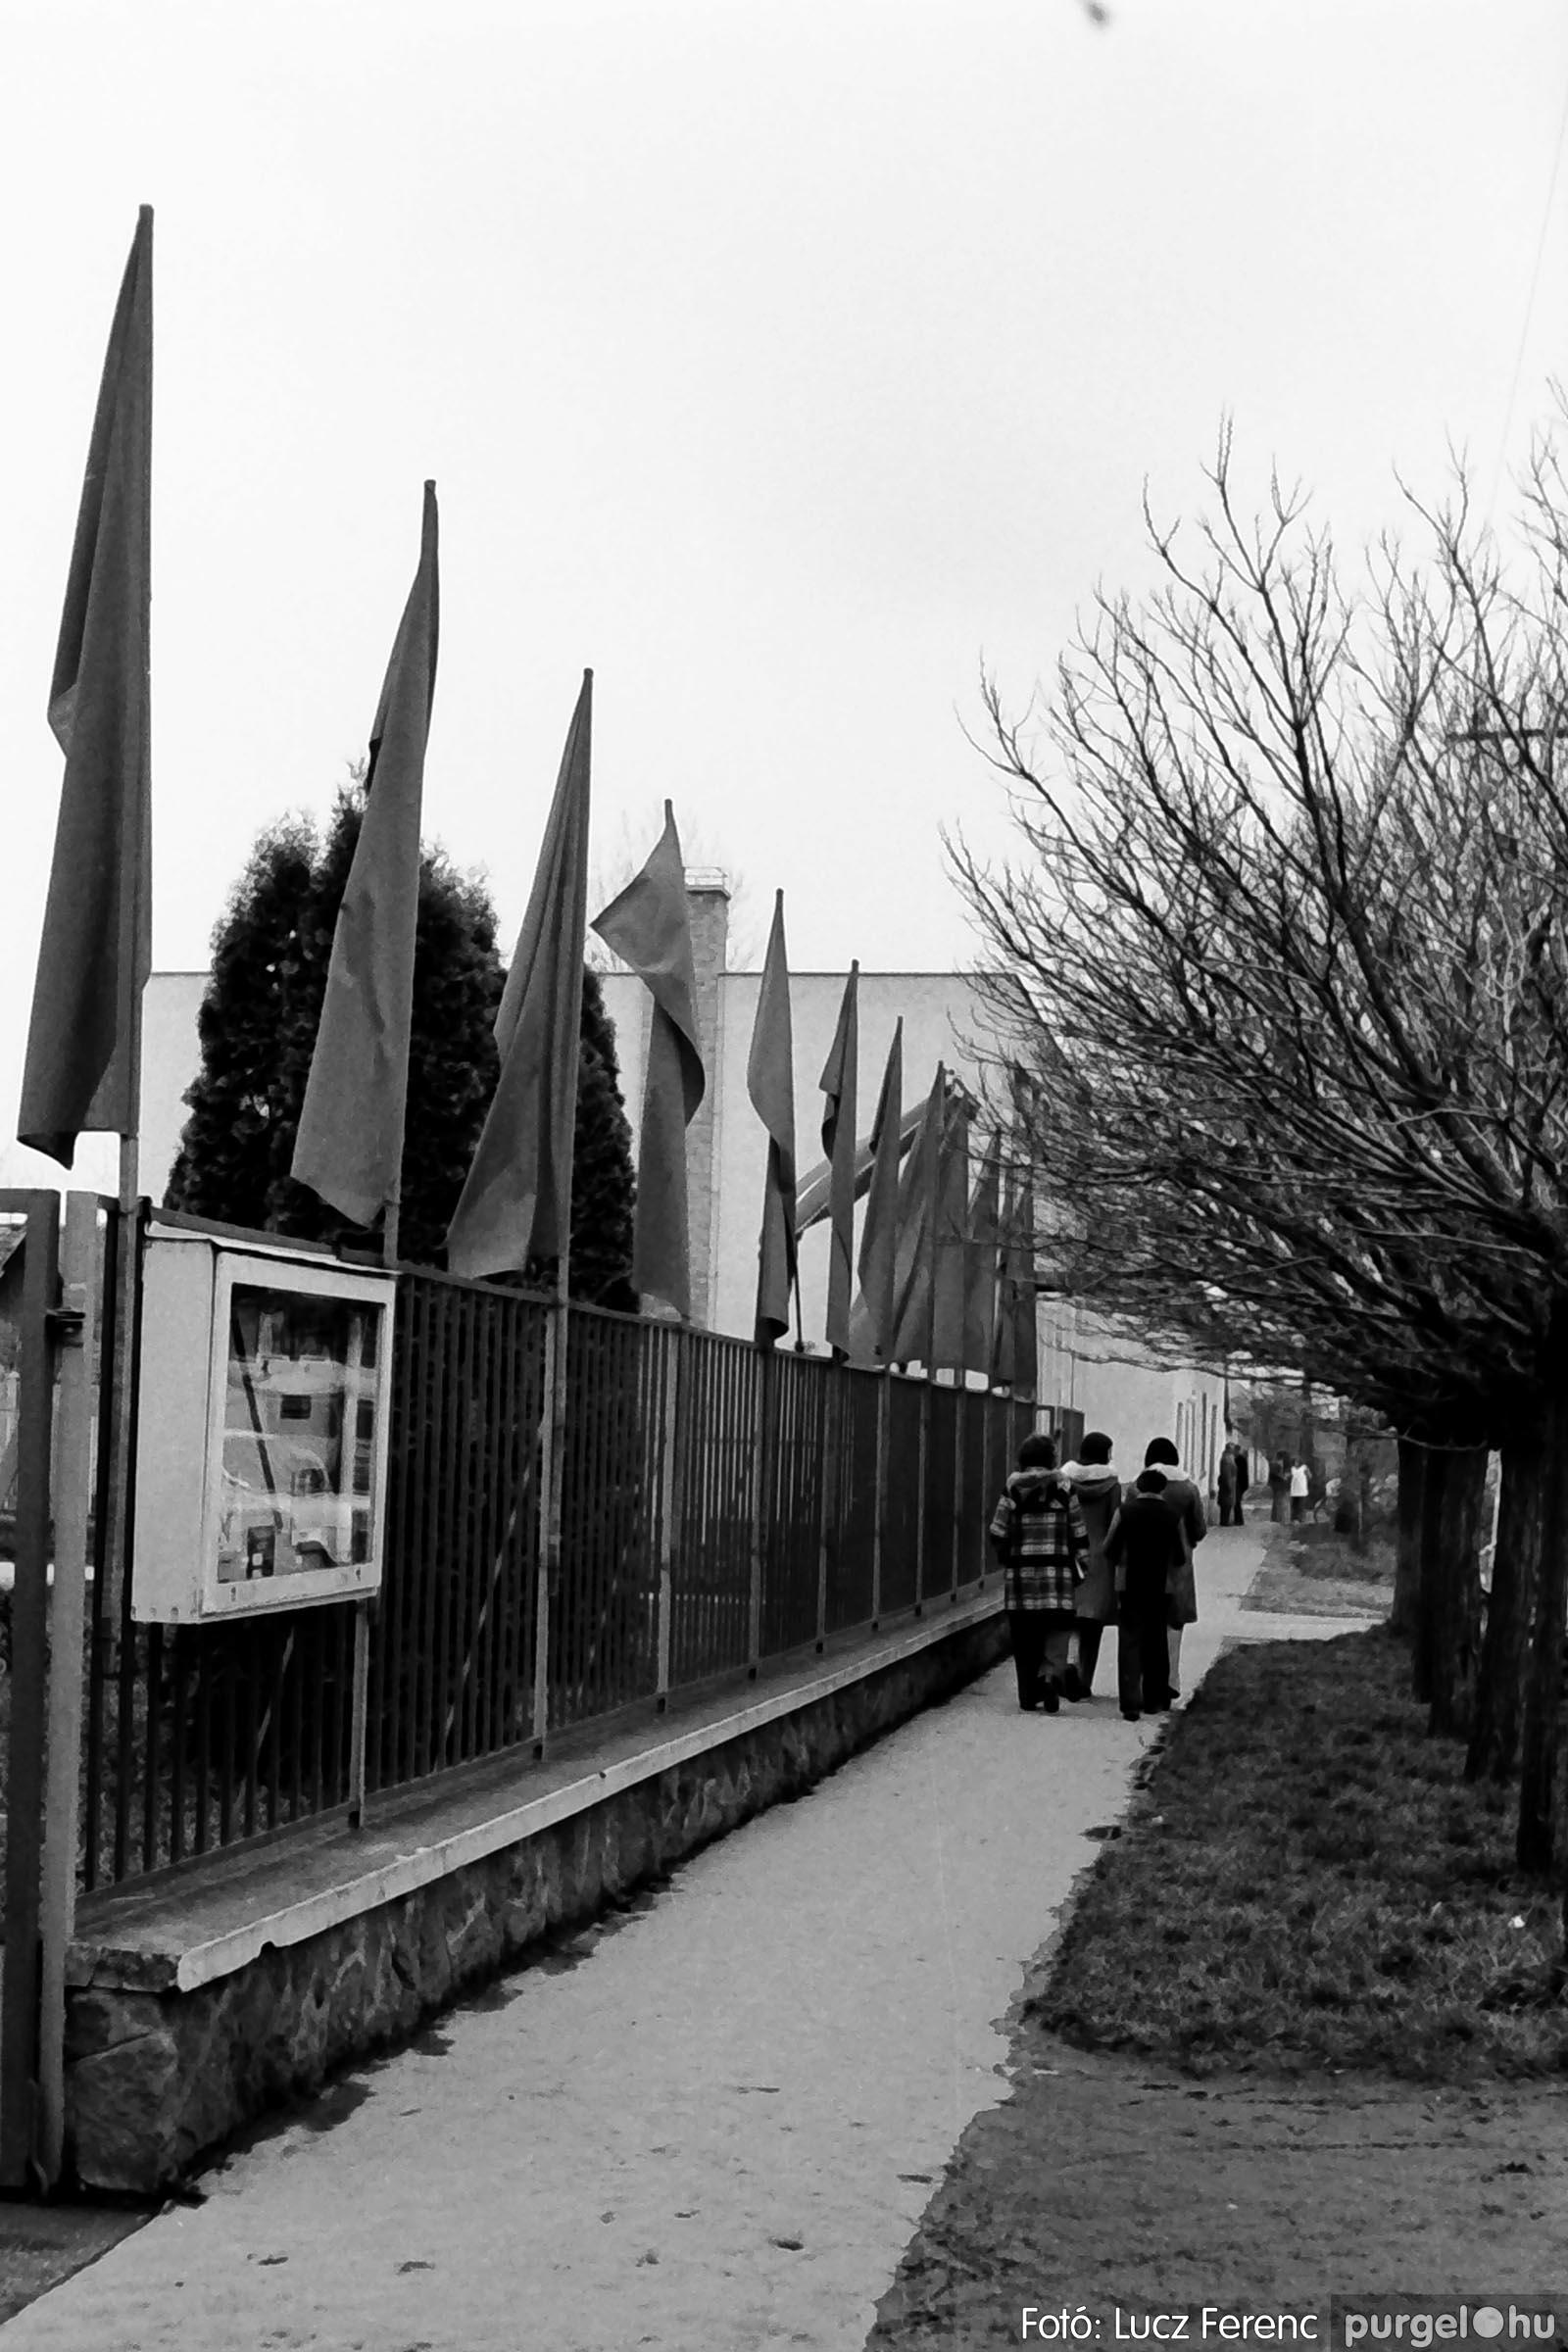 009 1975.04. Program a kultúrházban 004 - Fotó: Lucz Ferenc IMG00171q.jpg